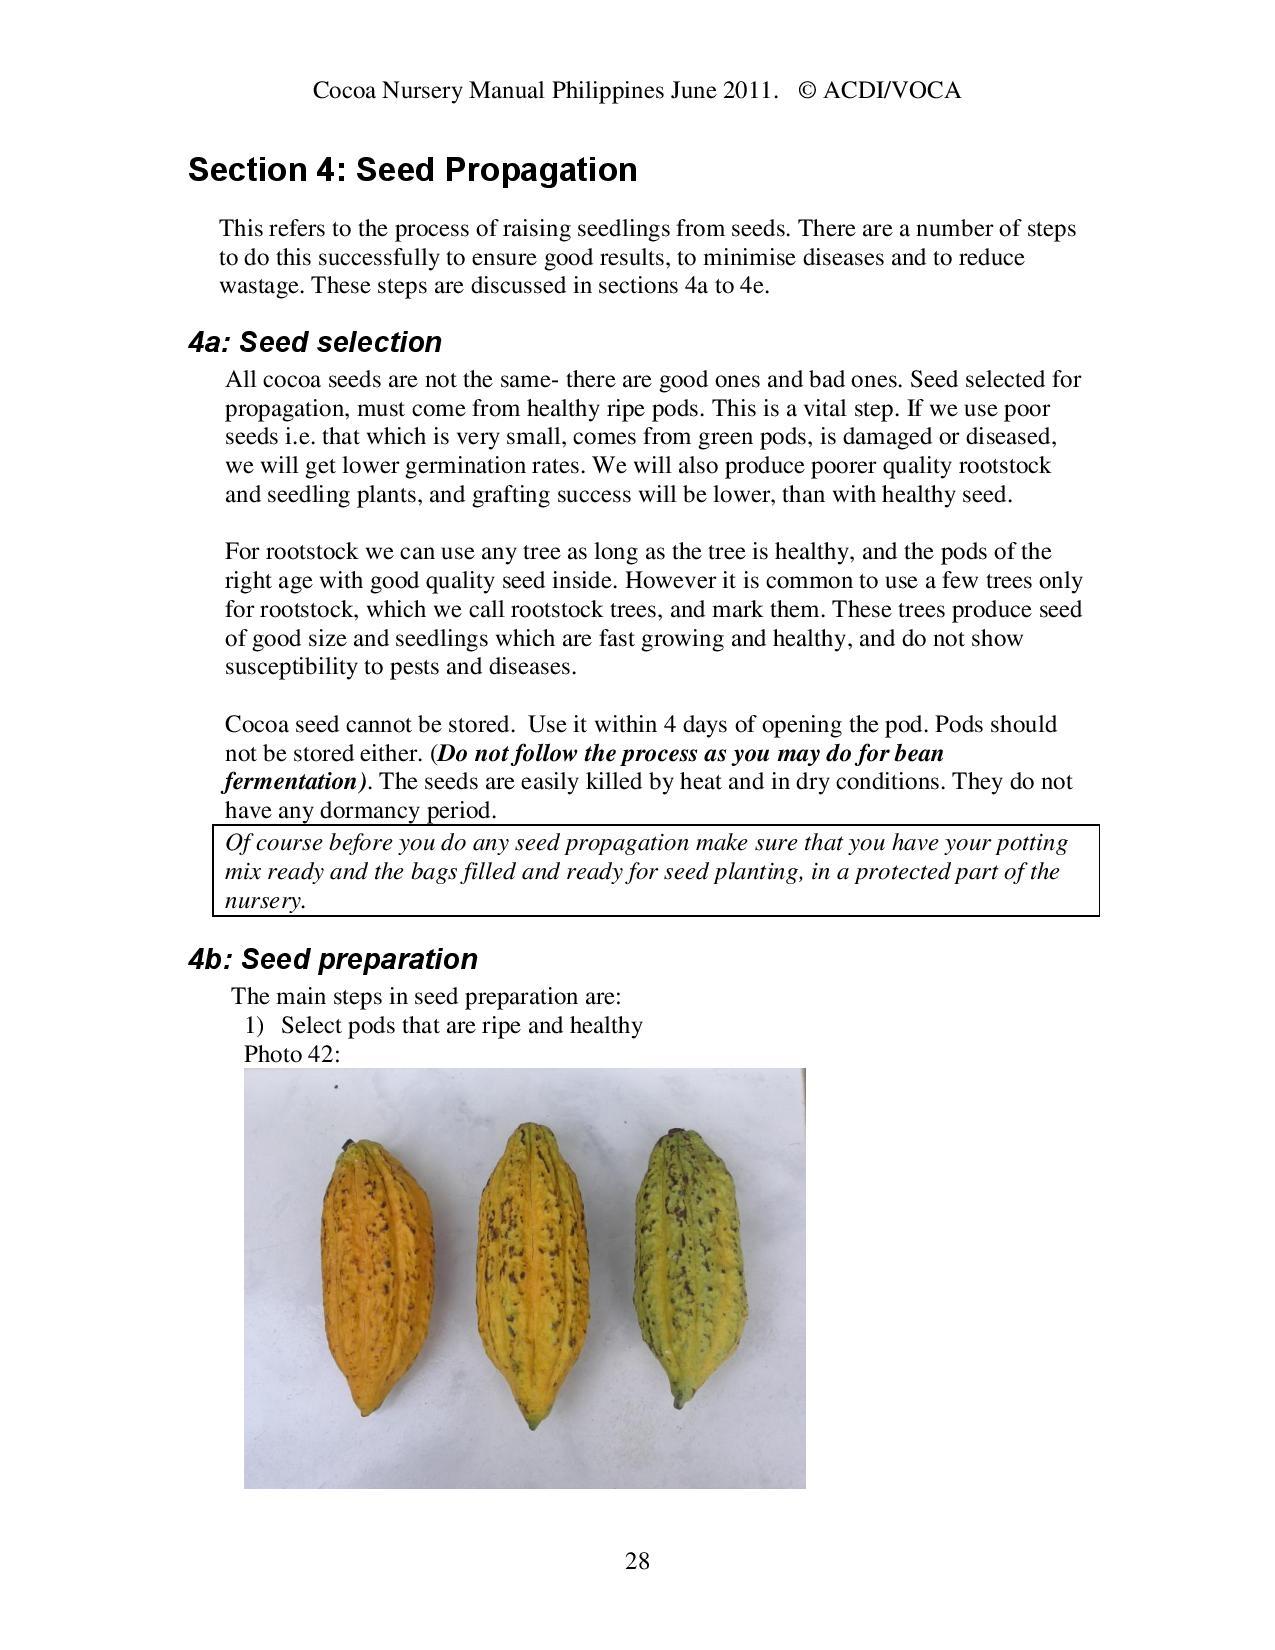 Cocoa-Nursery-Manual-2011_acdi-voca-page-028